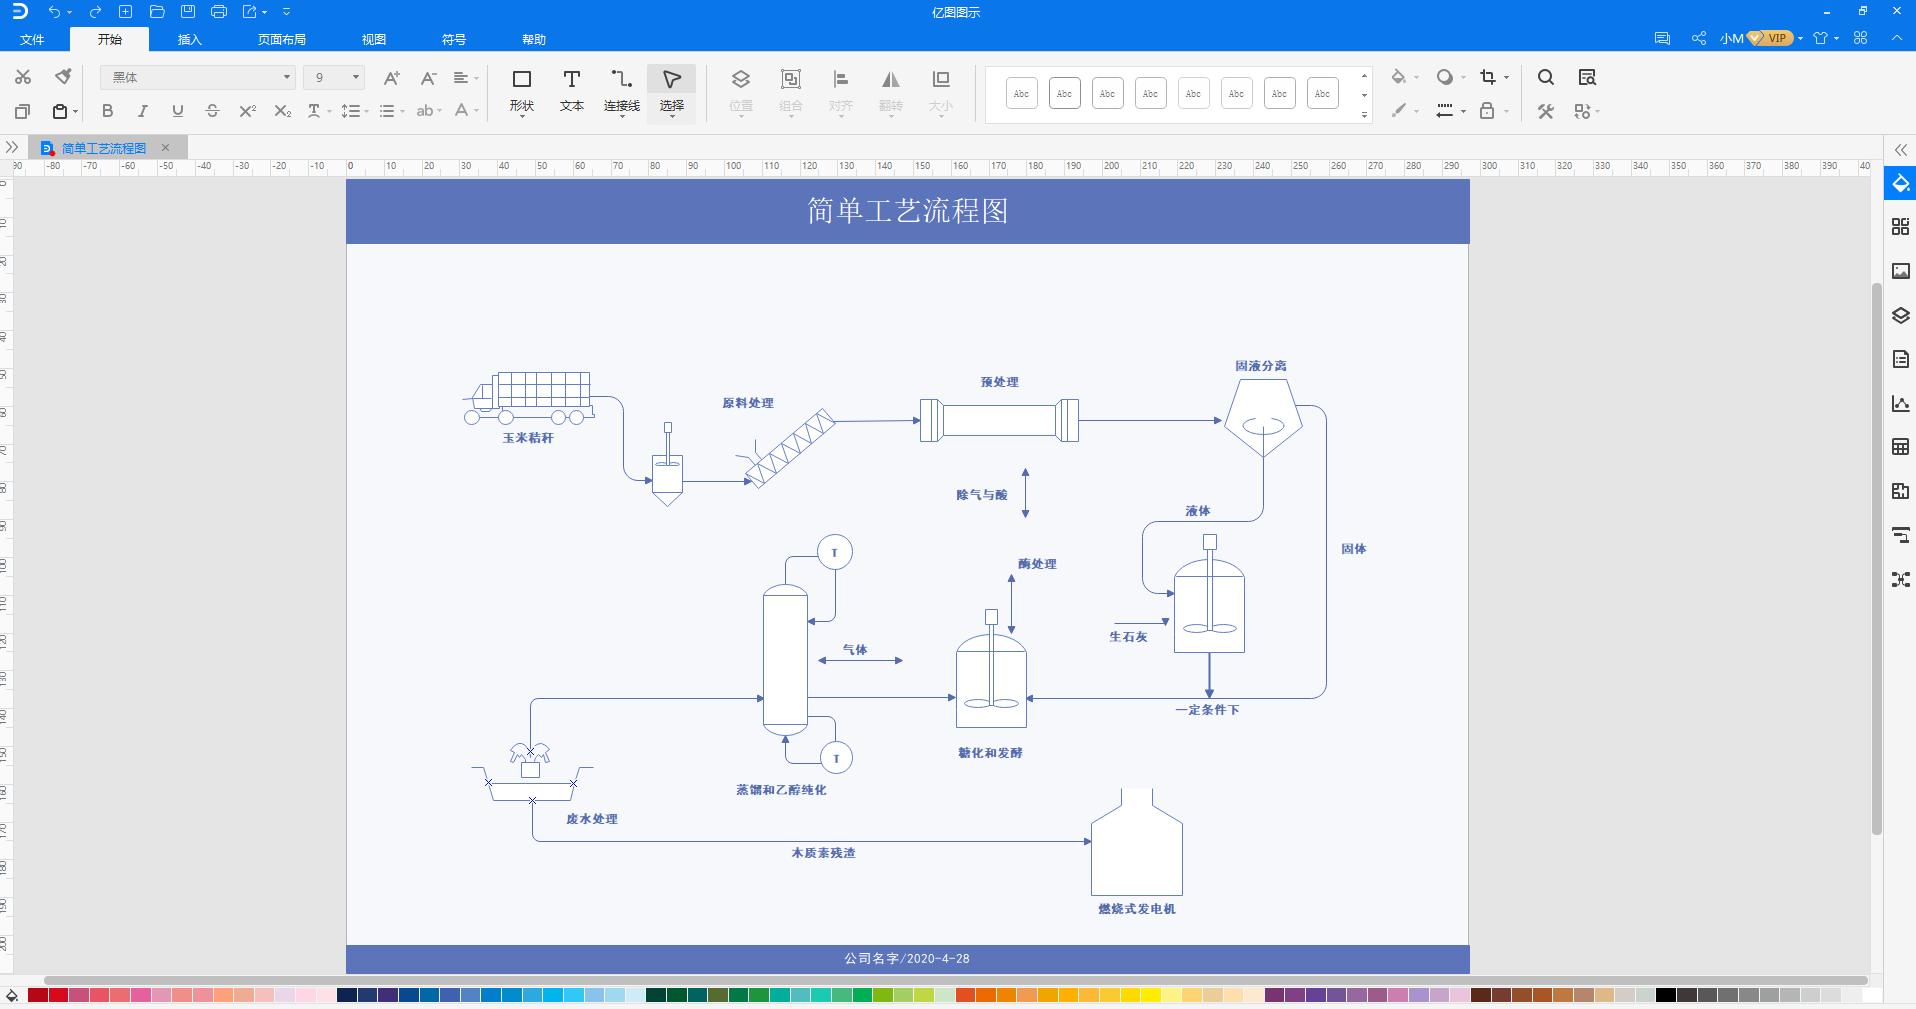 工艺流程图文字